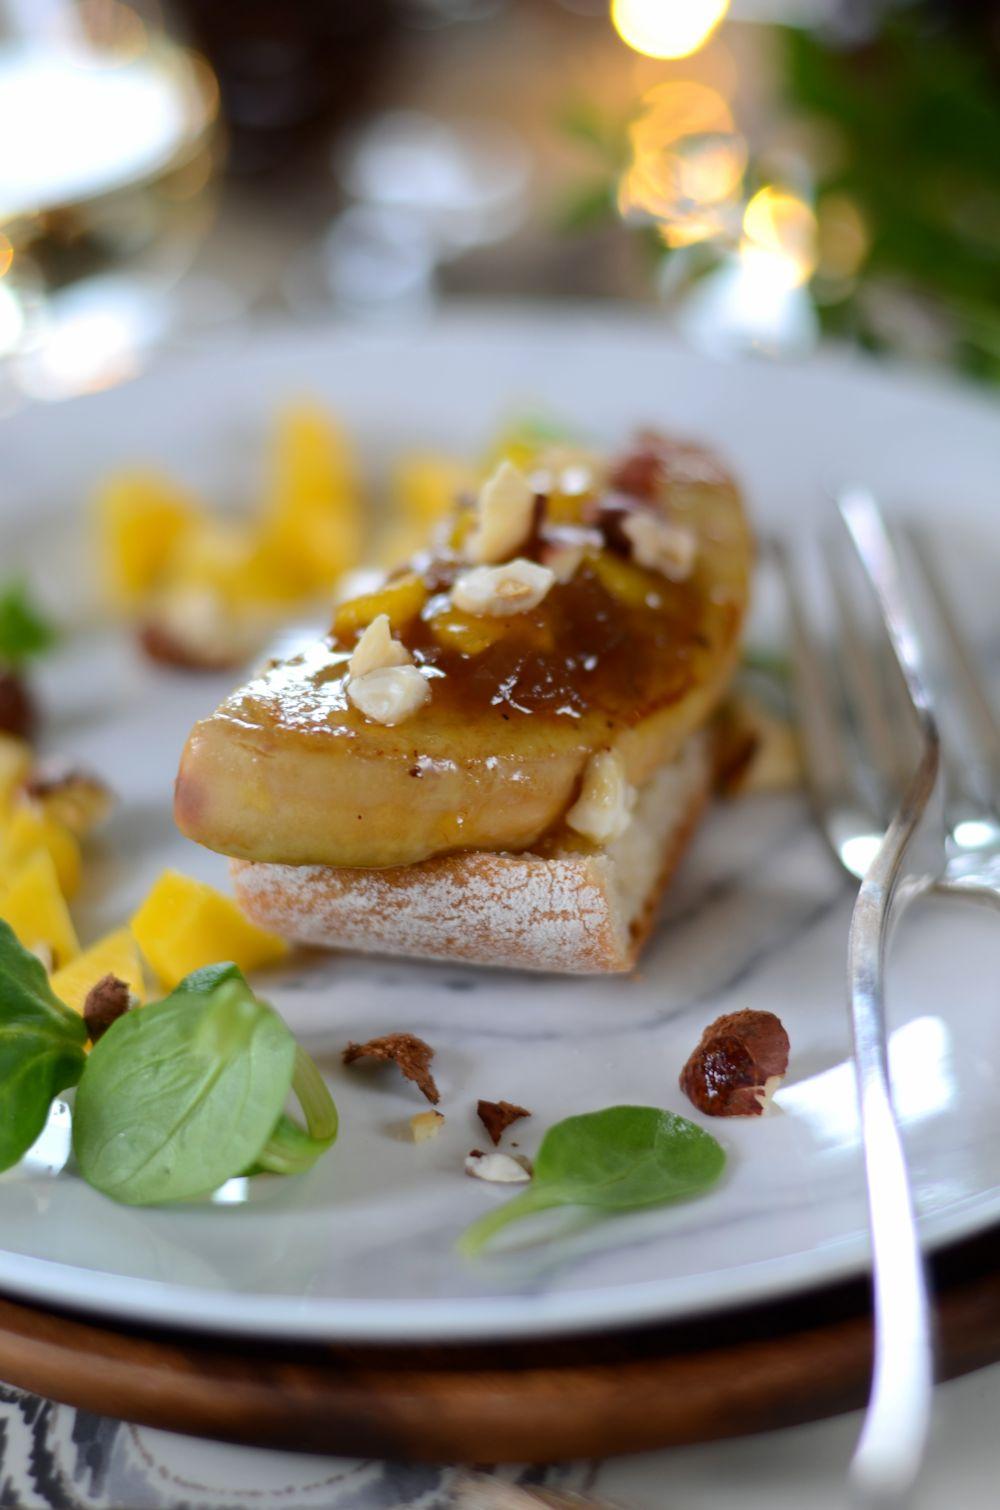 Escalope de foie gras poêlée et chutney de mangue